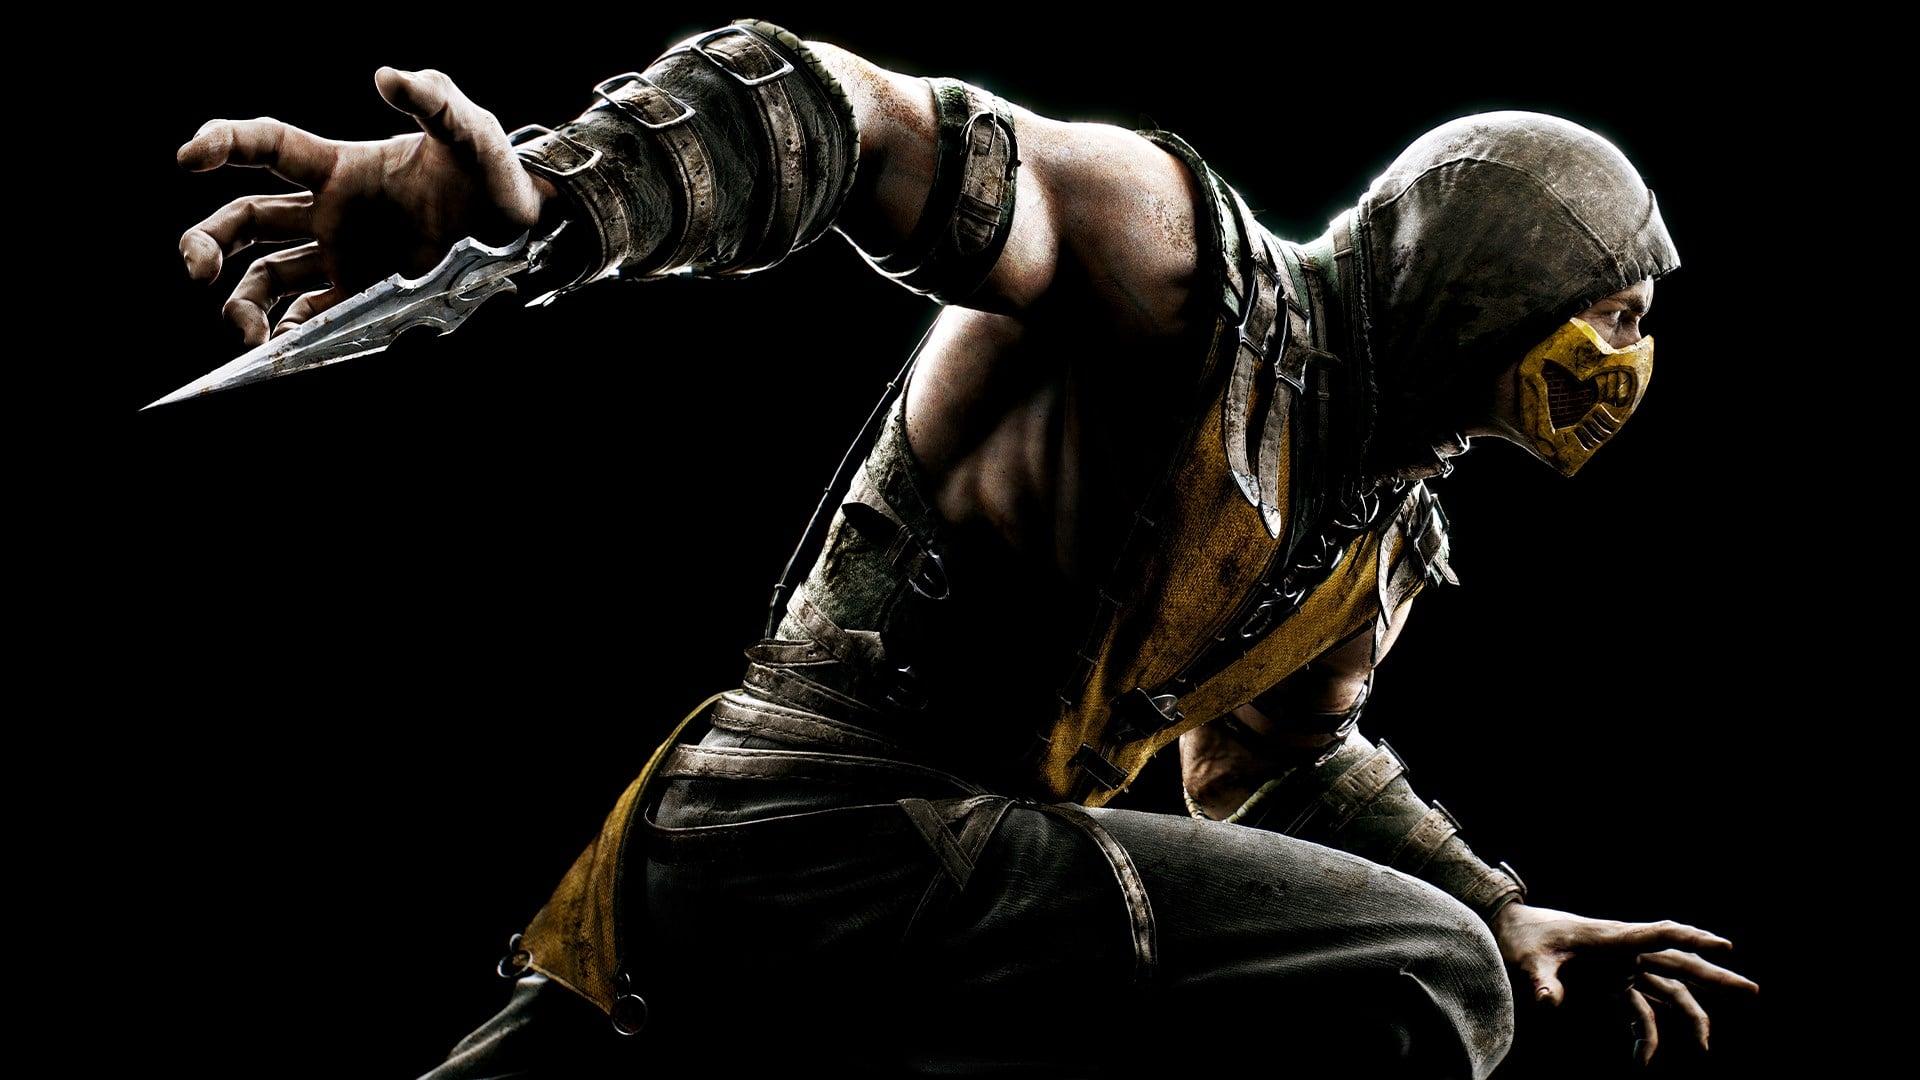 Mortal Kombat: veja os atores já confirmados no filme